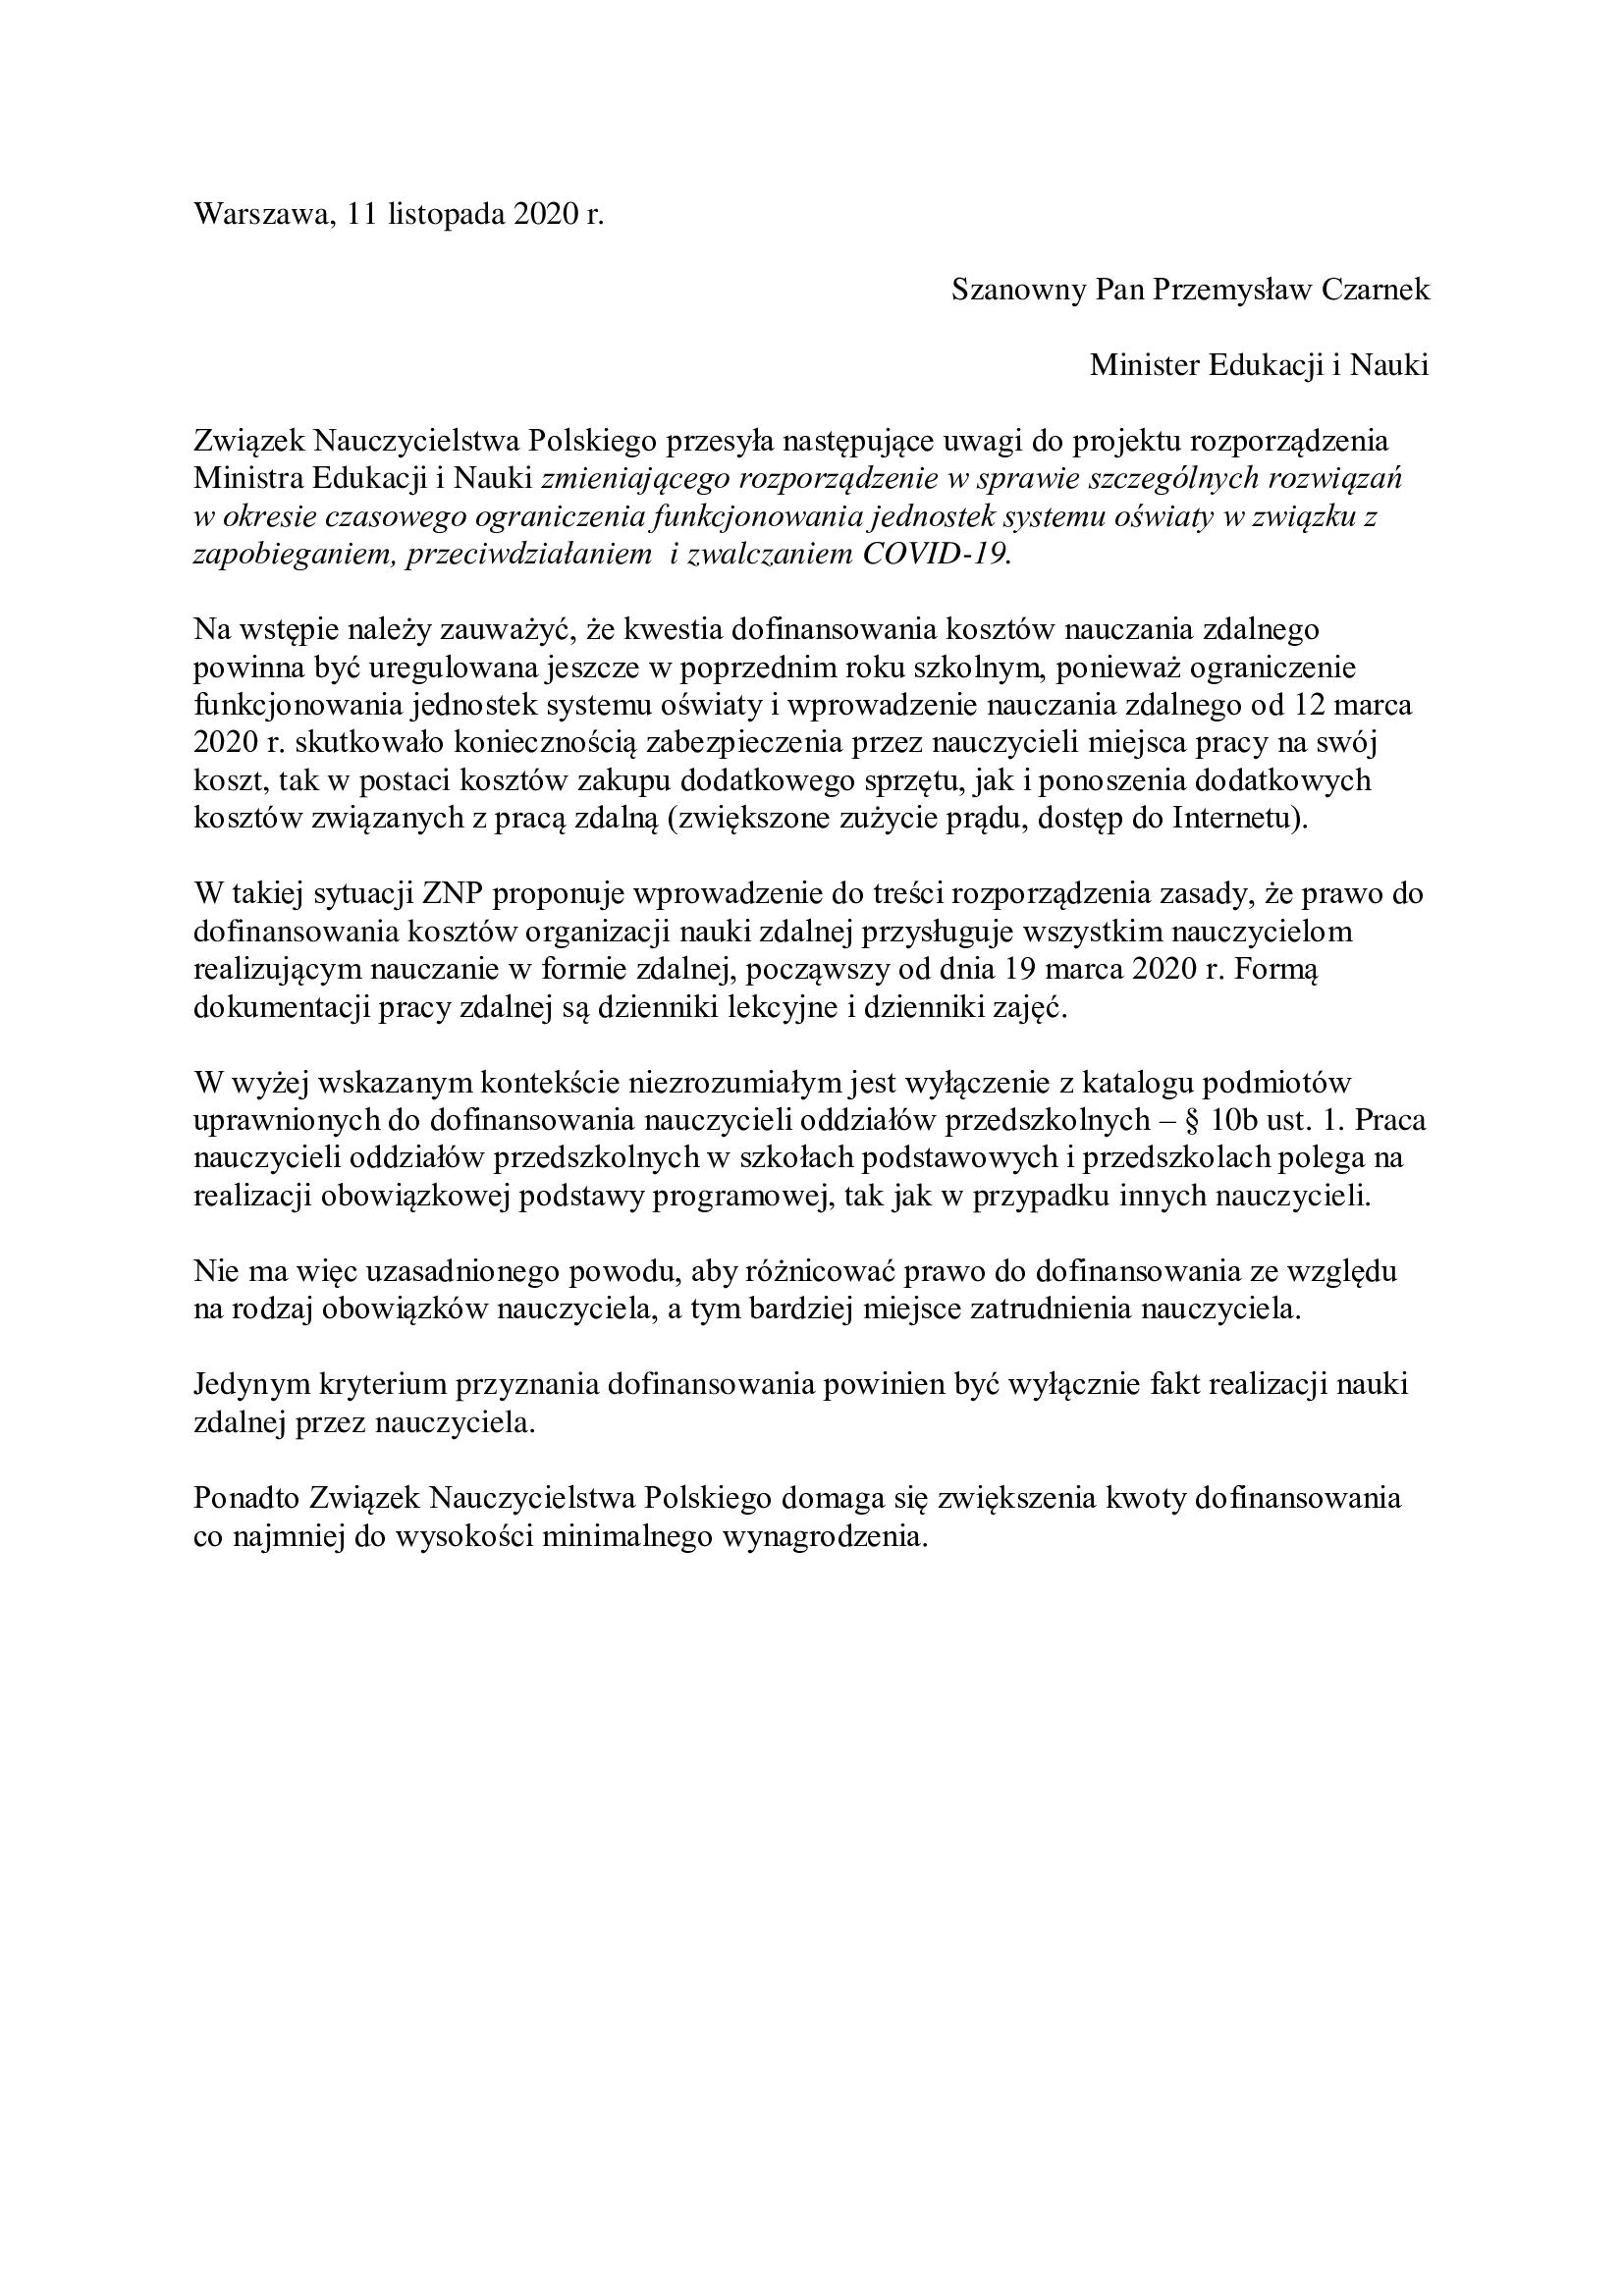 opinia-ZNP-do-projektu-rozporządzenia-500zł-dla-nauczycieli-2-1